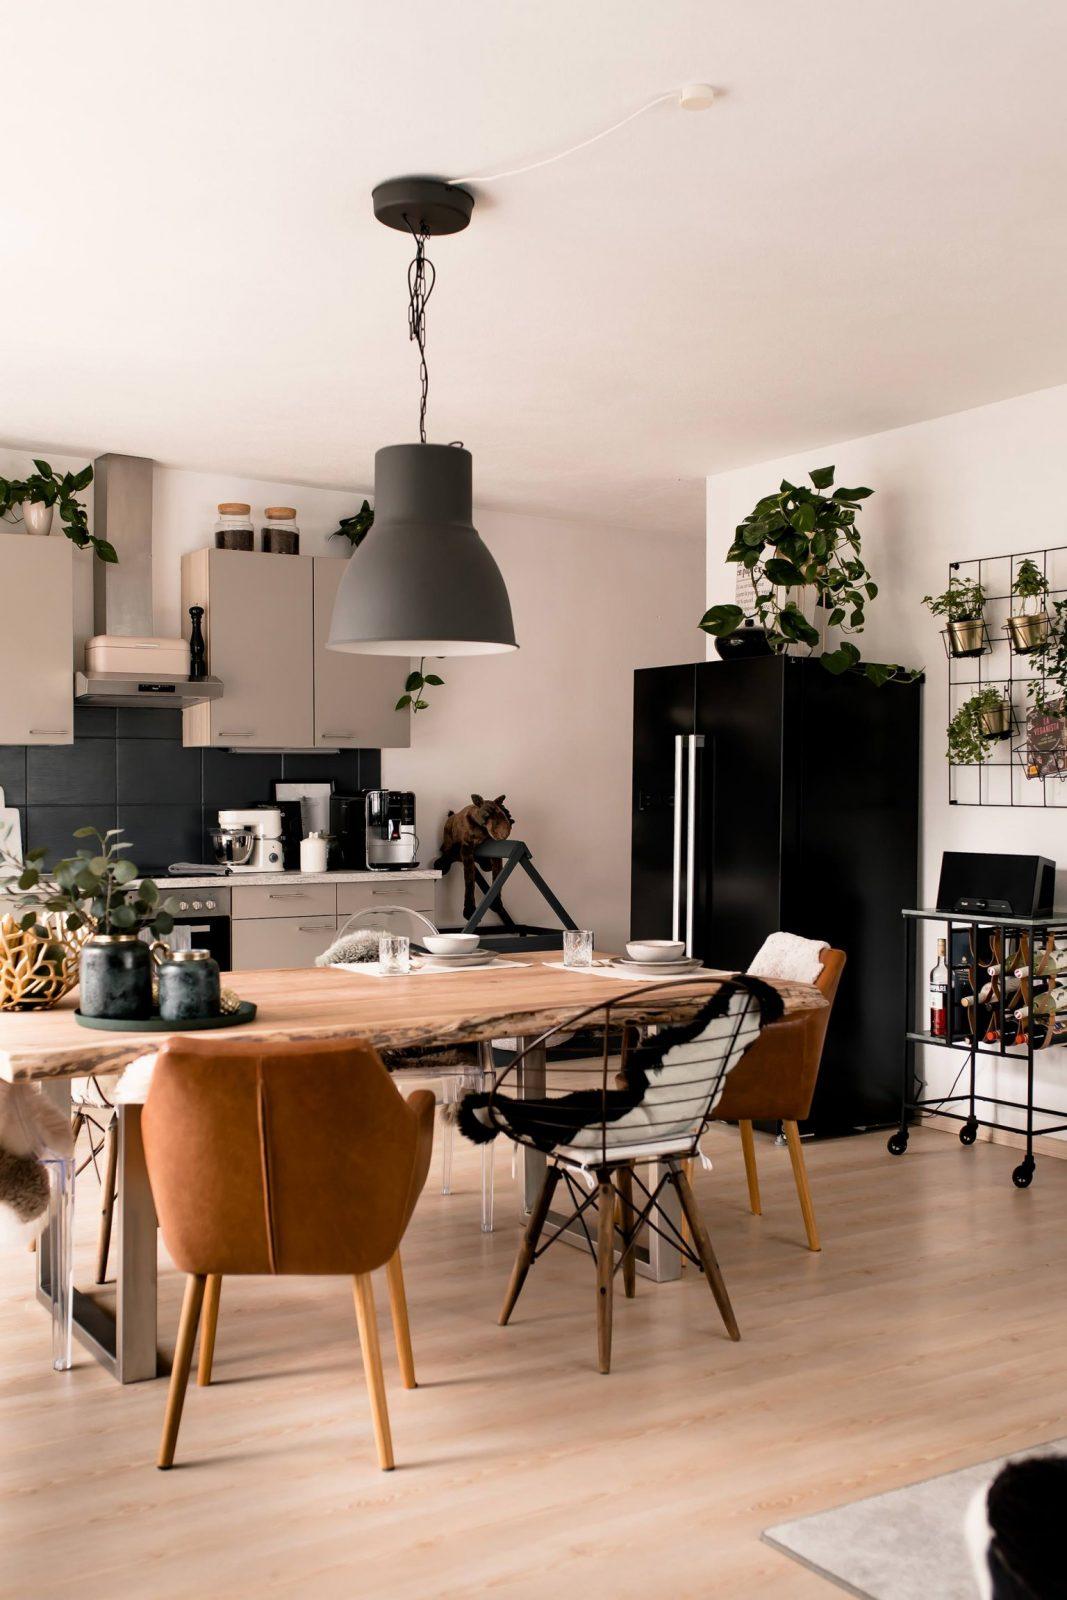 Küche Verschönern Mit Wenig Aufwand Mein Küchenmakeover Inkl von Küchenmöbel Streichen Vorher Nachher Photo